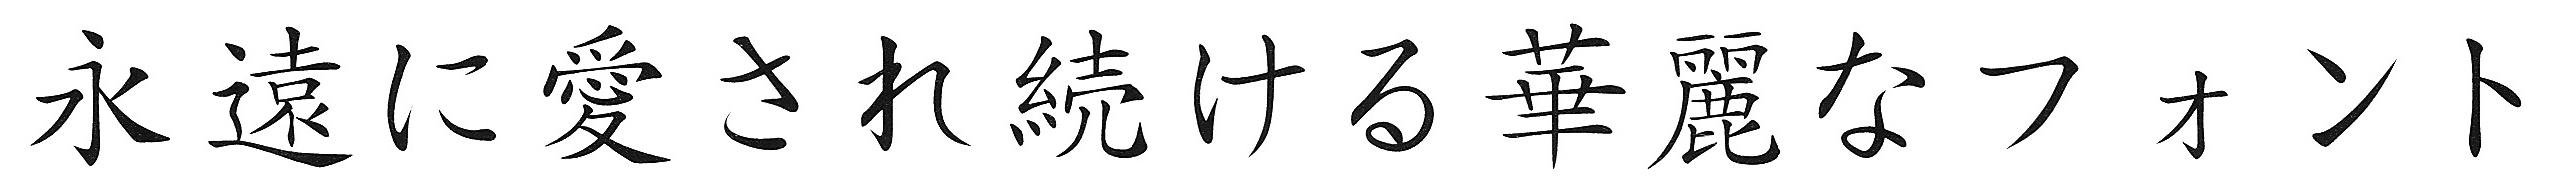 C_細楷書体.jpg